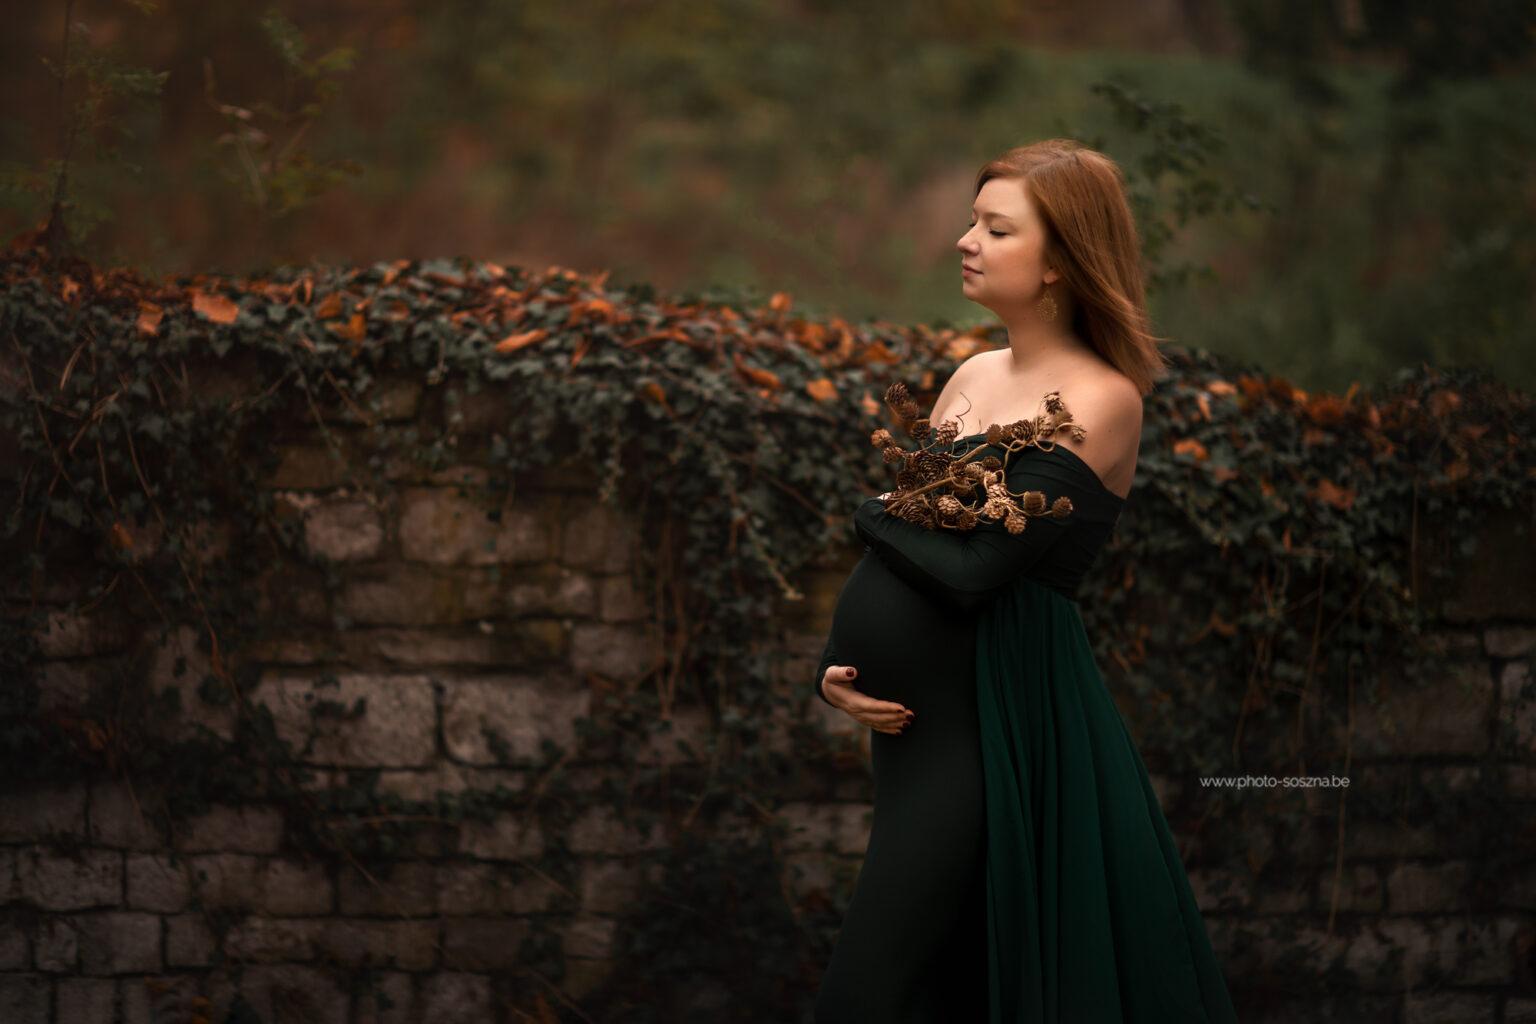 séance photo grossesse extérieure